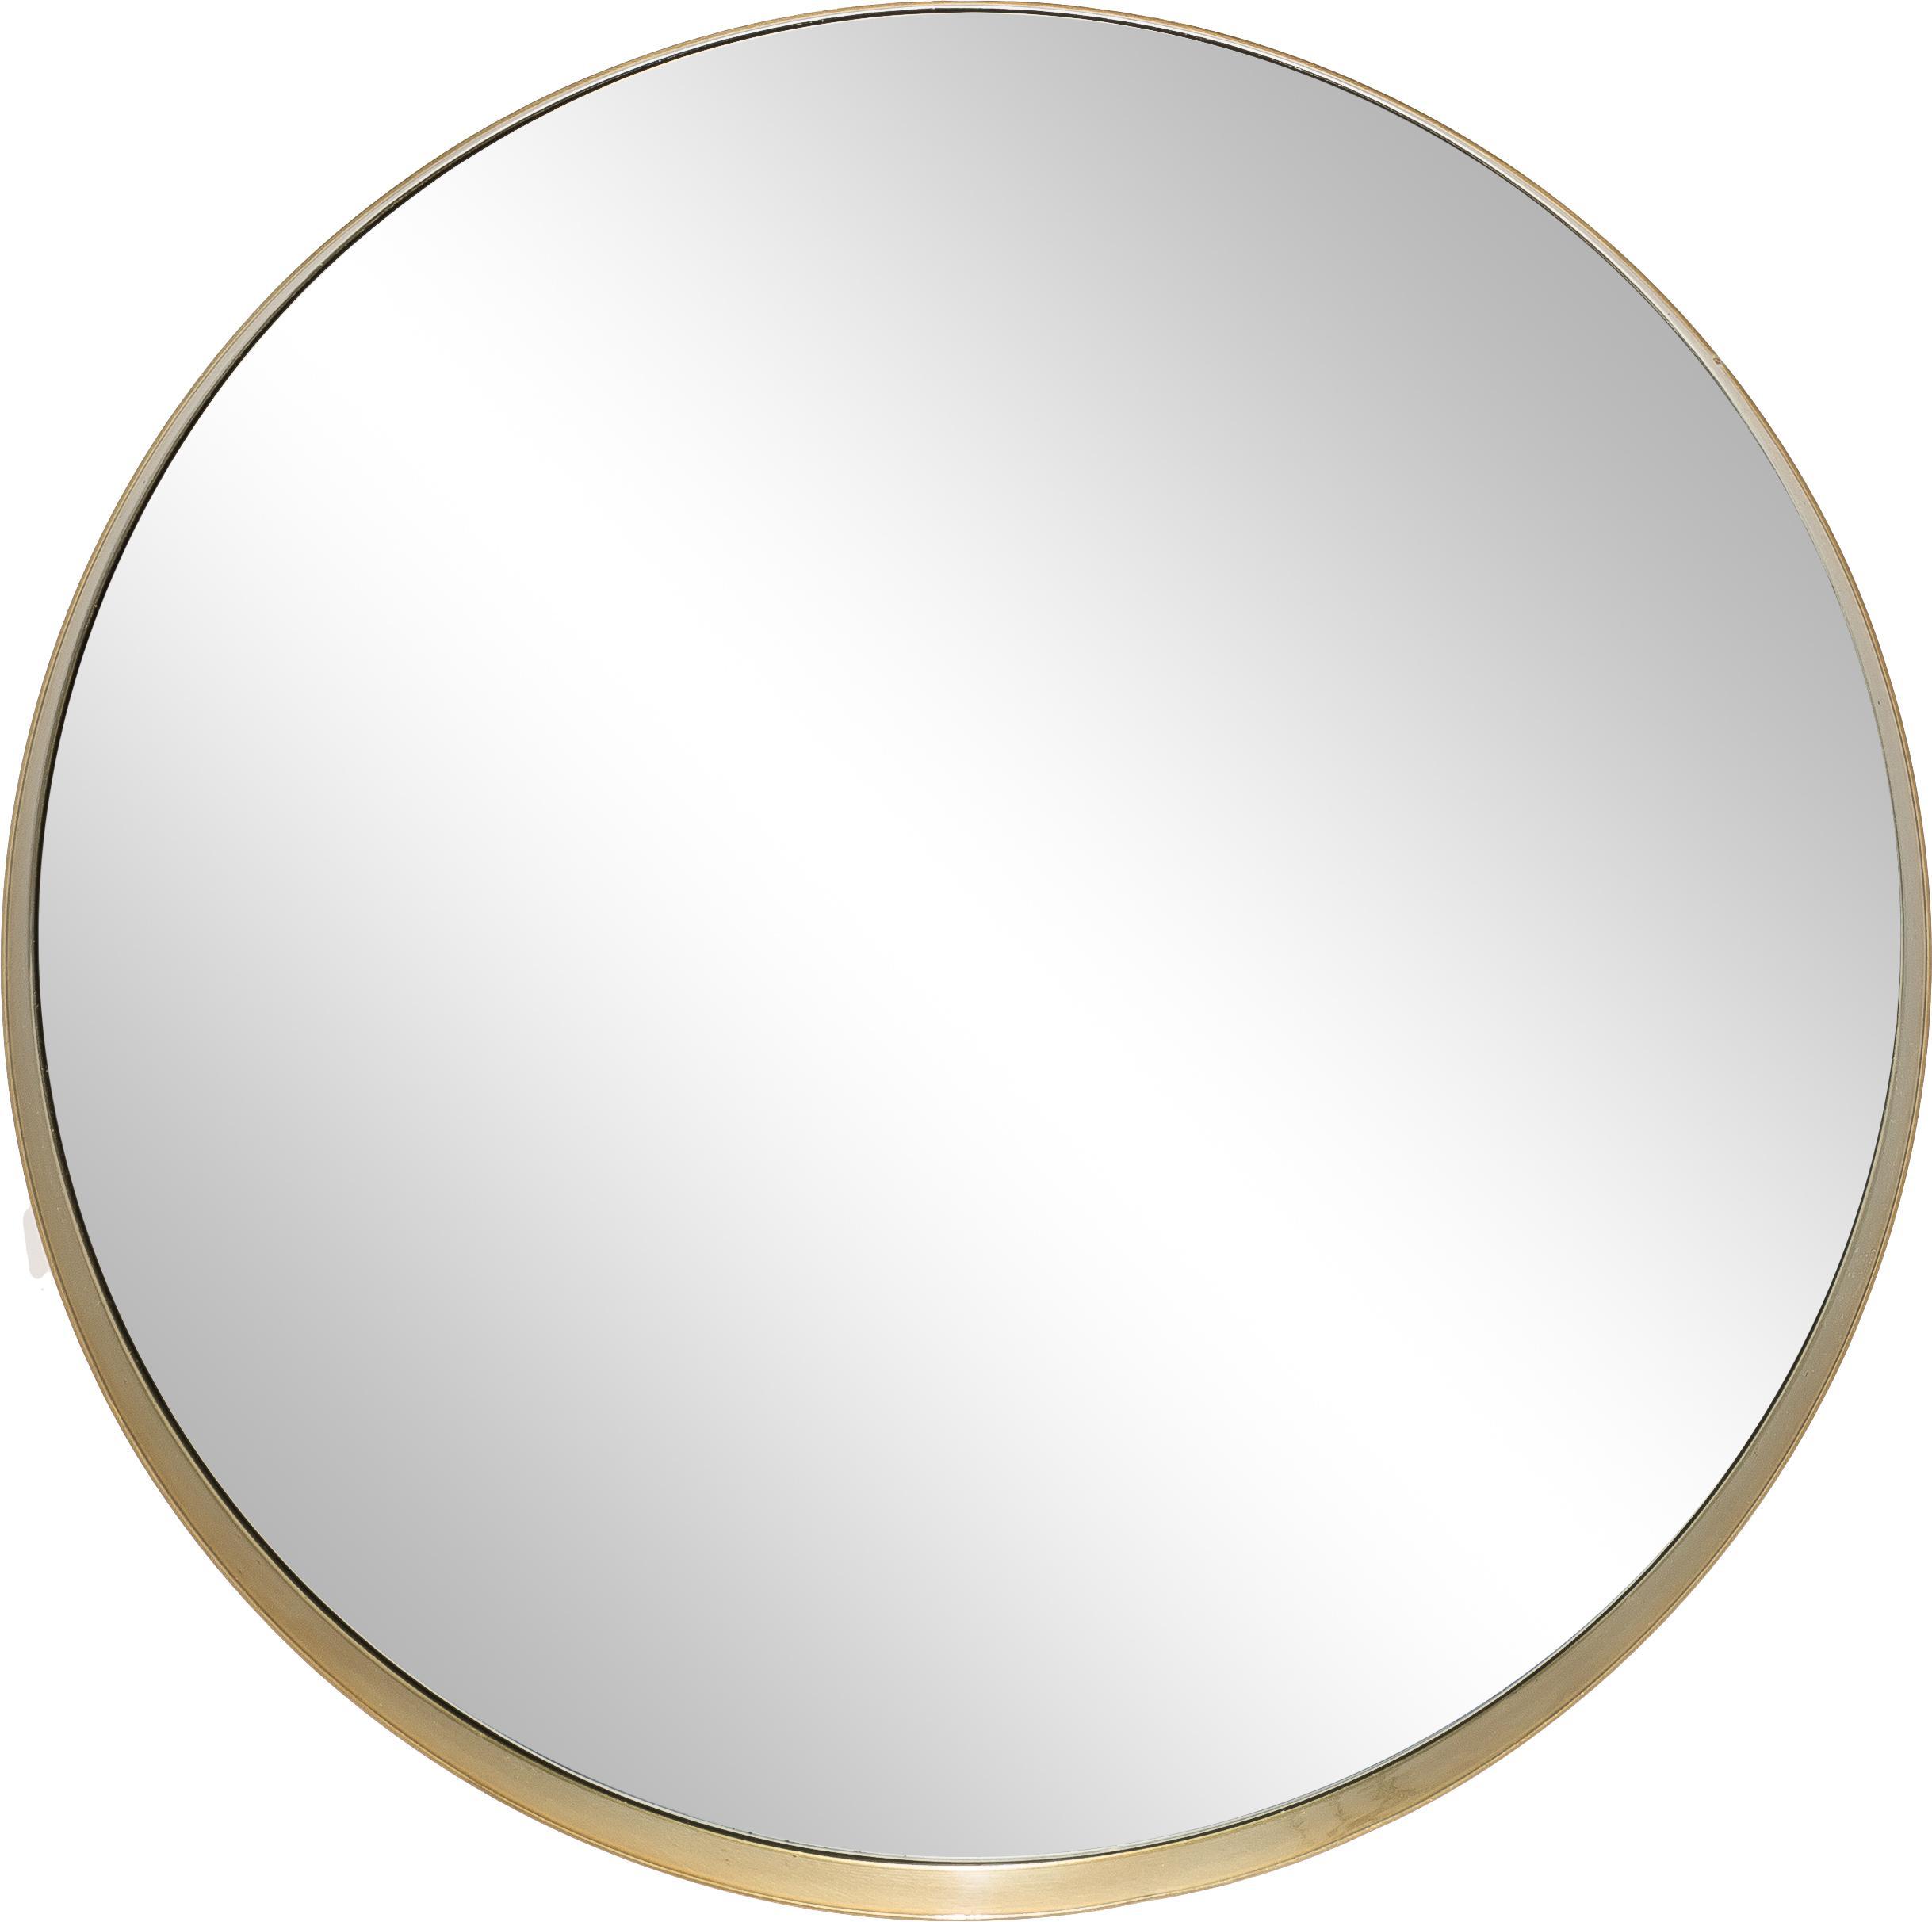 Specchio da parete rotondo Metal, Cornice: metallo verniciato con se, Cornice: dorato<br>Lastra di vetro, Ø 30 cm